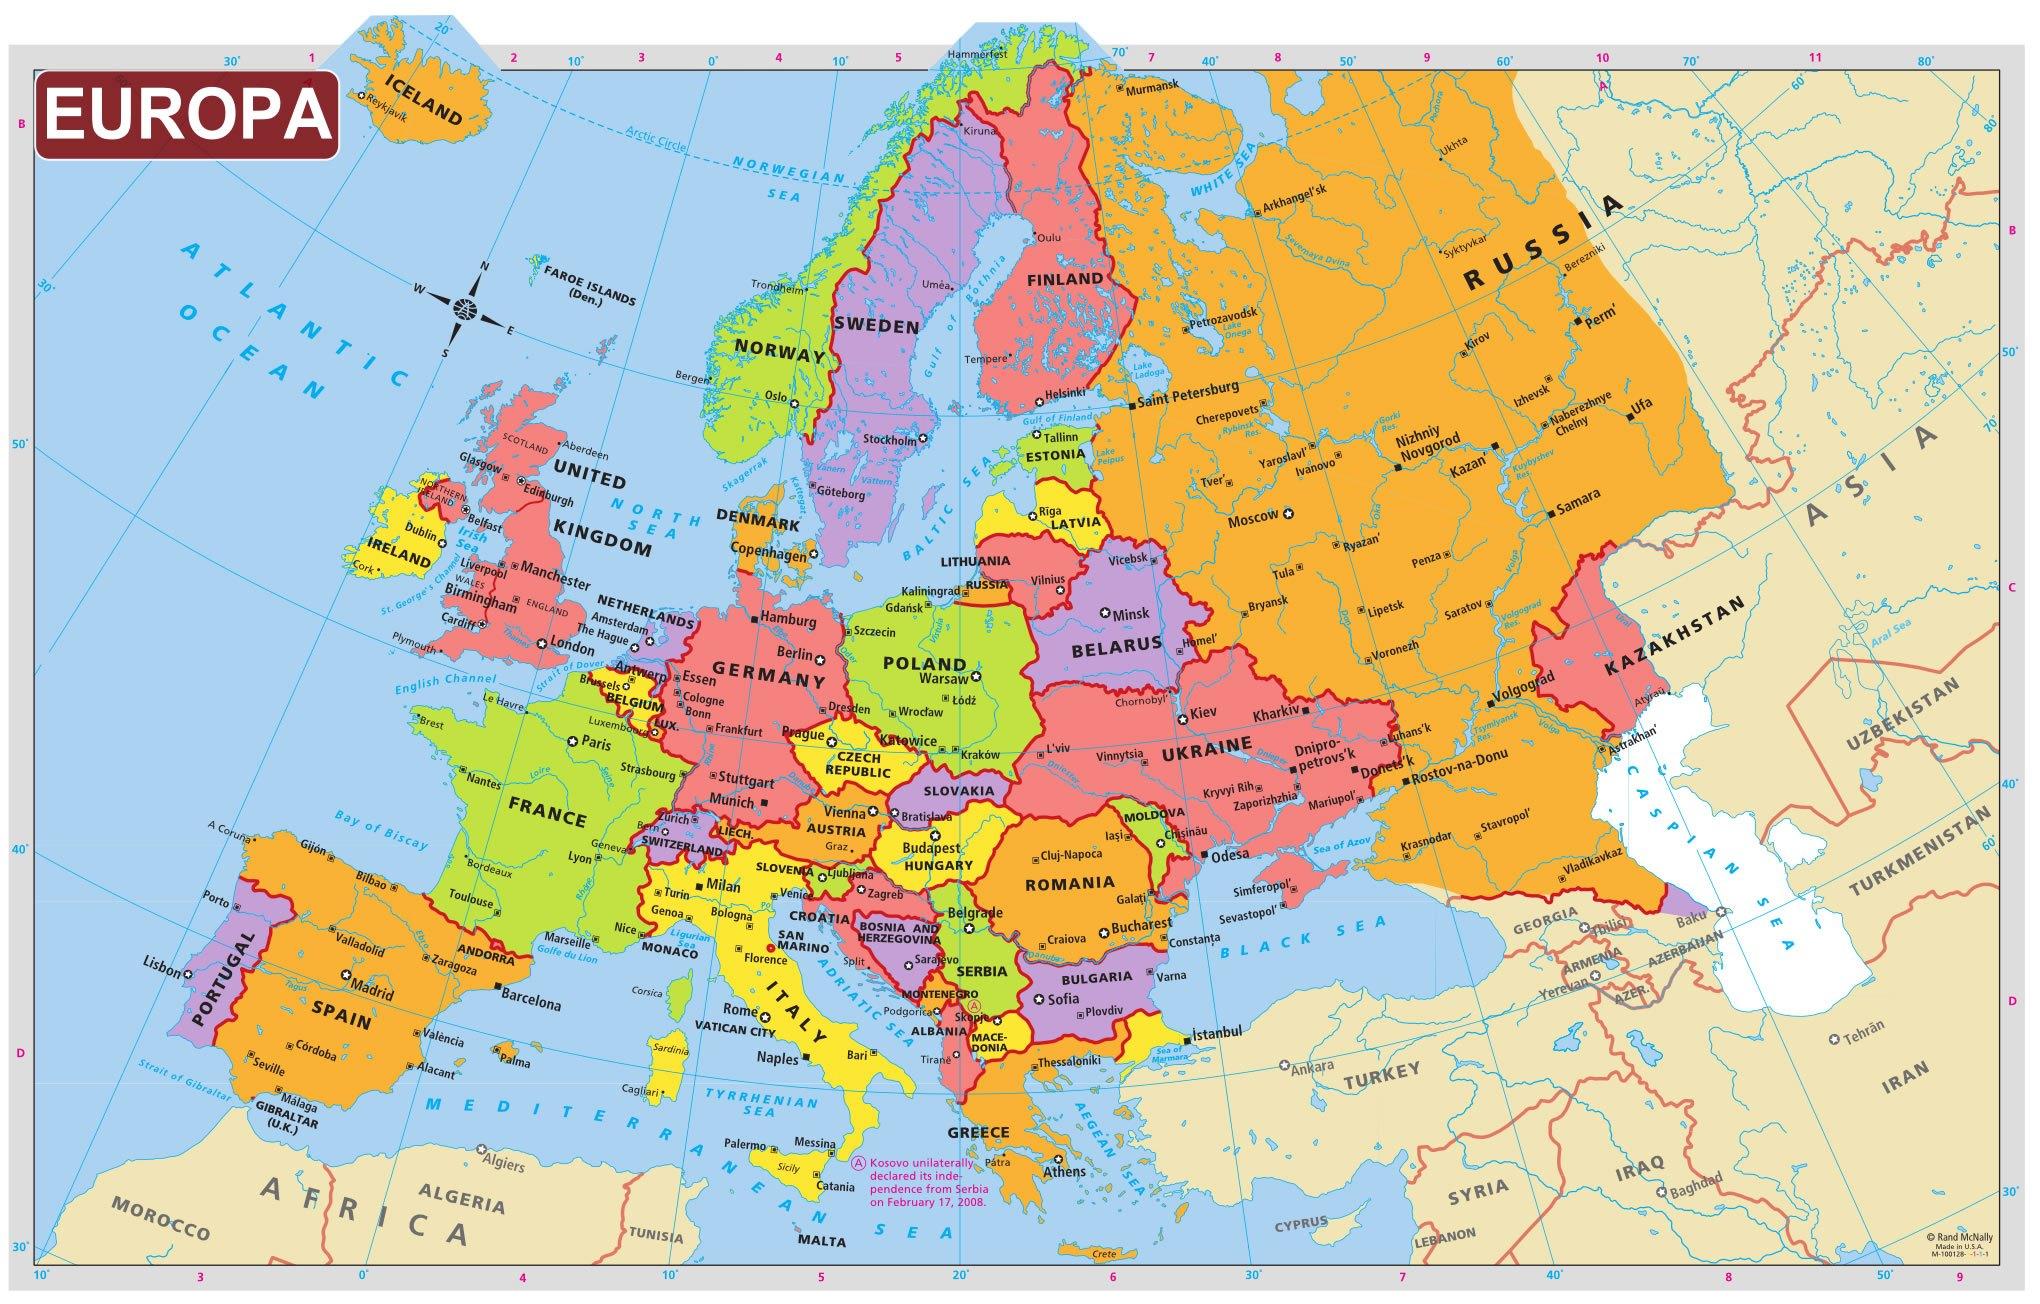 Se Schimbă Harta Europei O ţară Unde Sunt Si Sute De Mii De